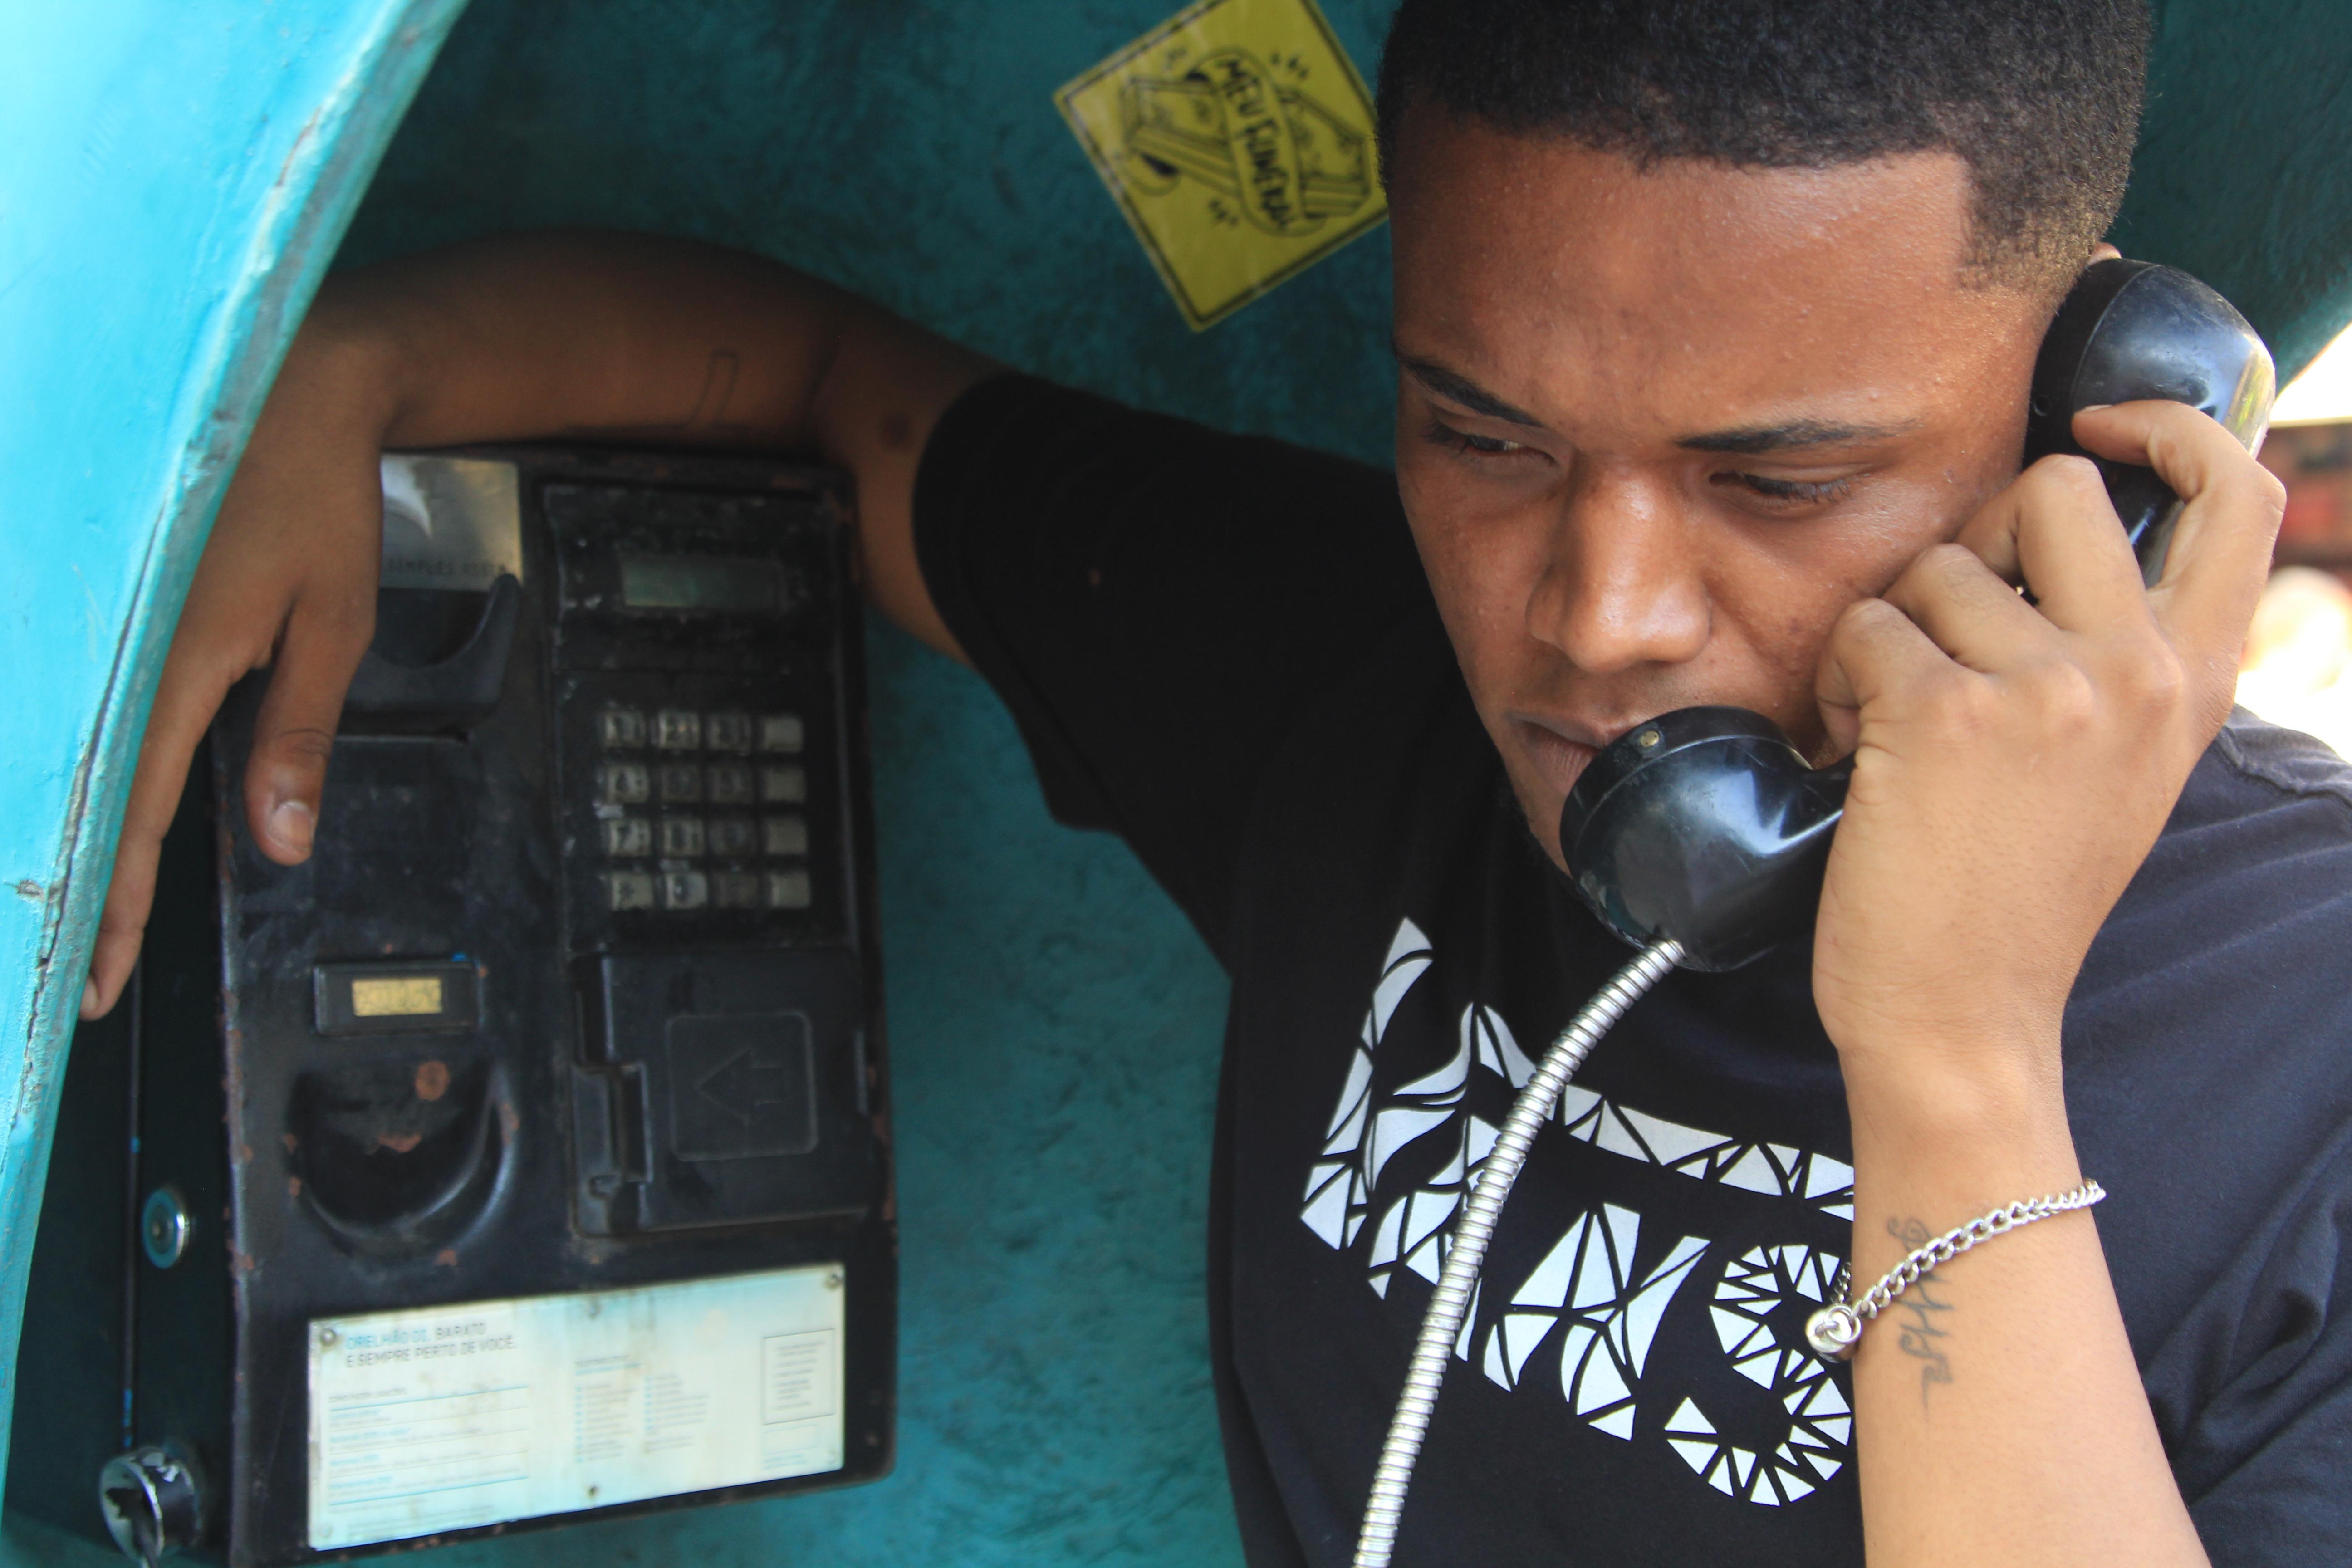 Jovem Negro no orelhão telefone público campanha emprego QUalPerfil# racismo